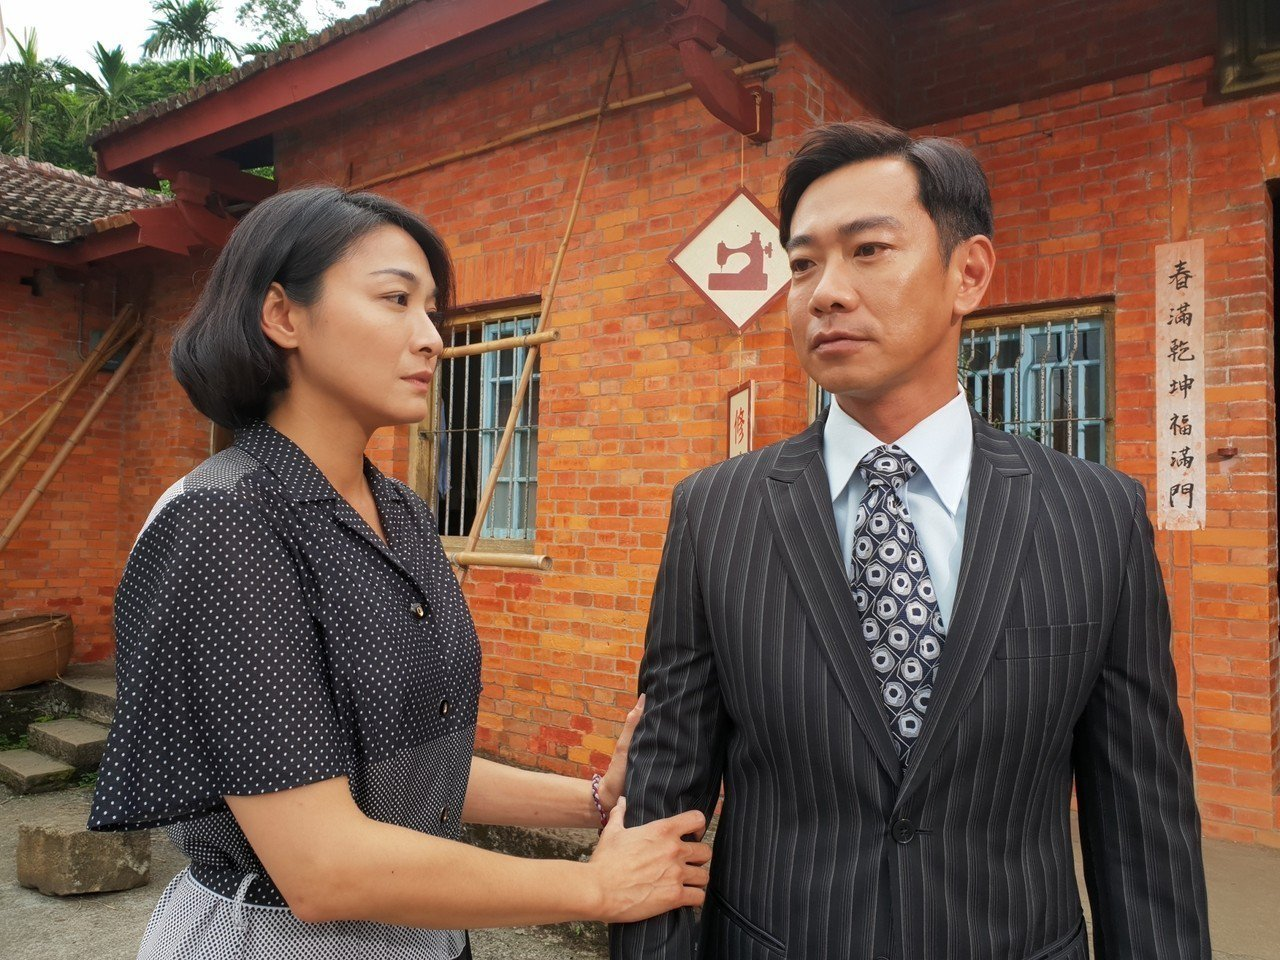 江俊翰、江祖平在民視八點檔戲劇「大時代」中有段揪心虐戀。圖/民視提供劇照